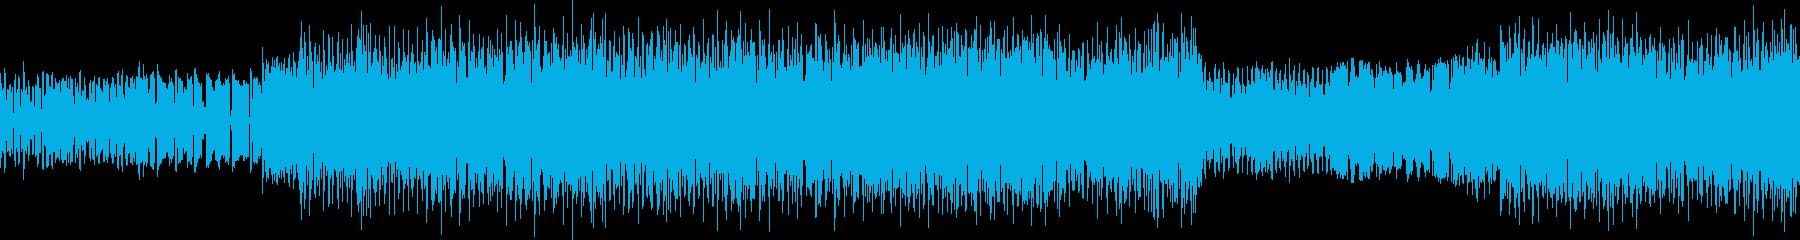 ファミコン風のインスト曲の再生済みの波形